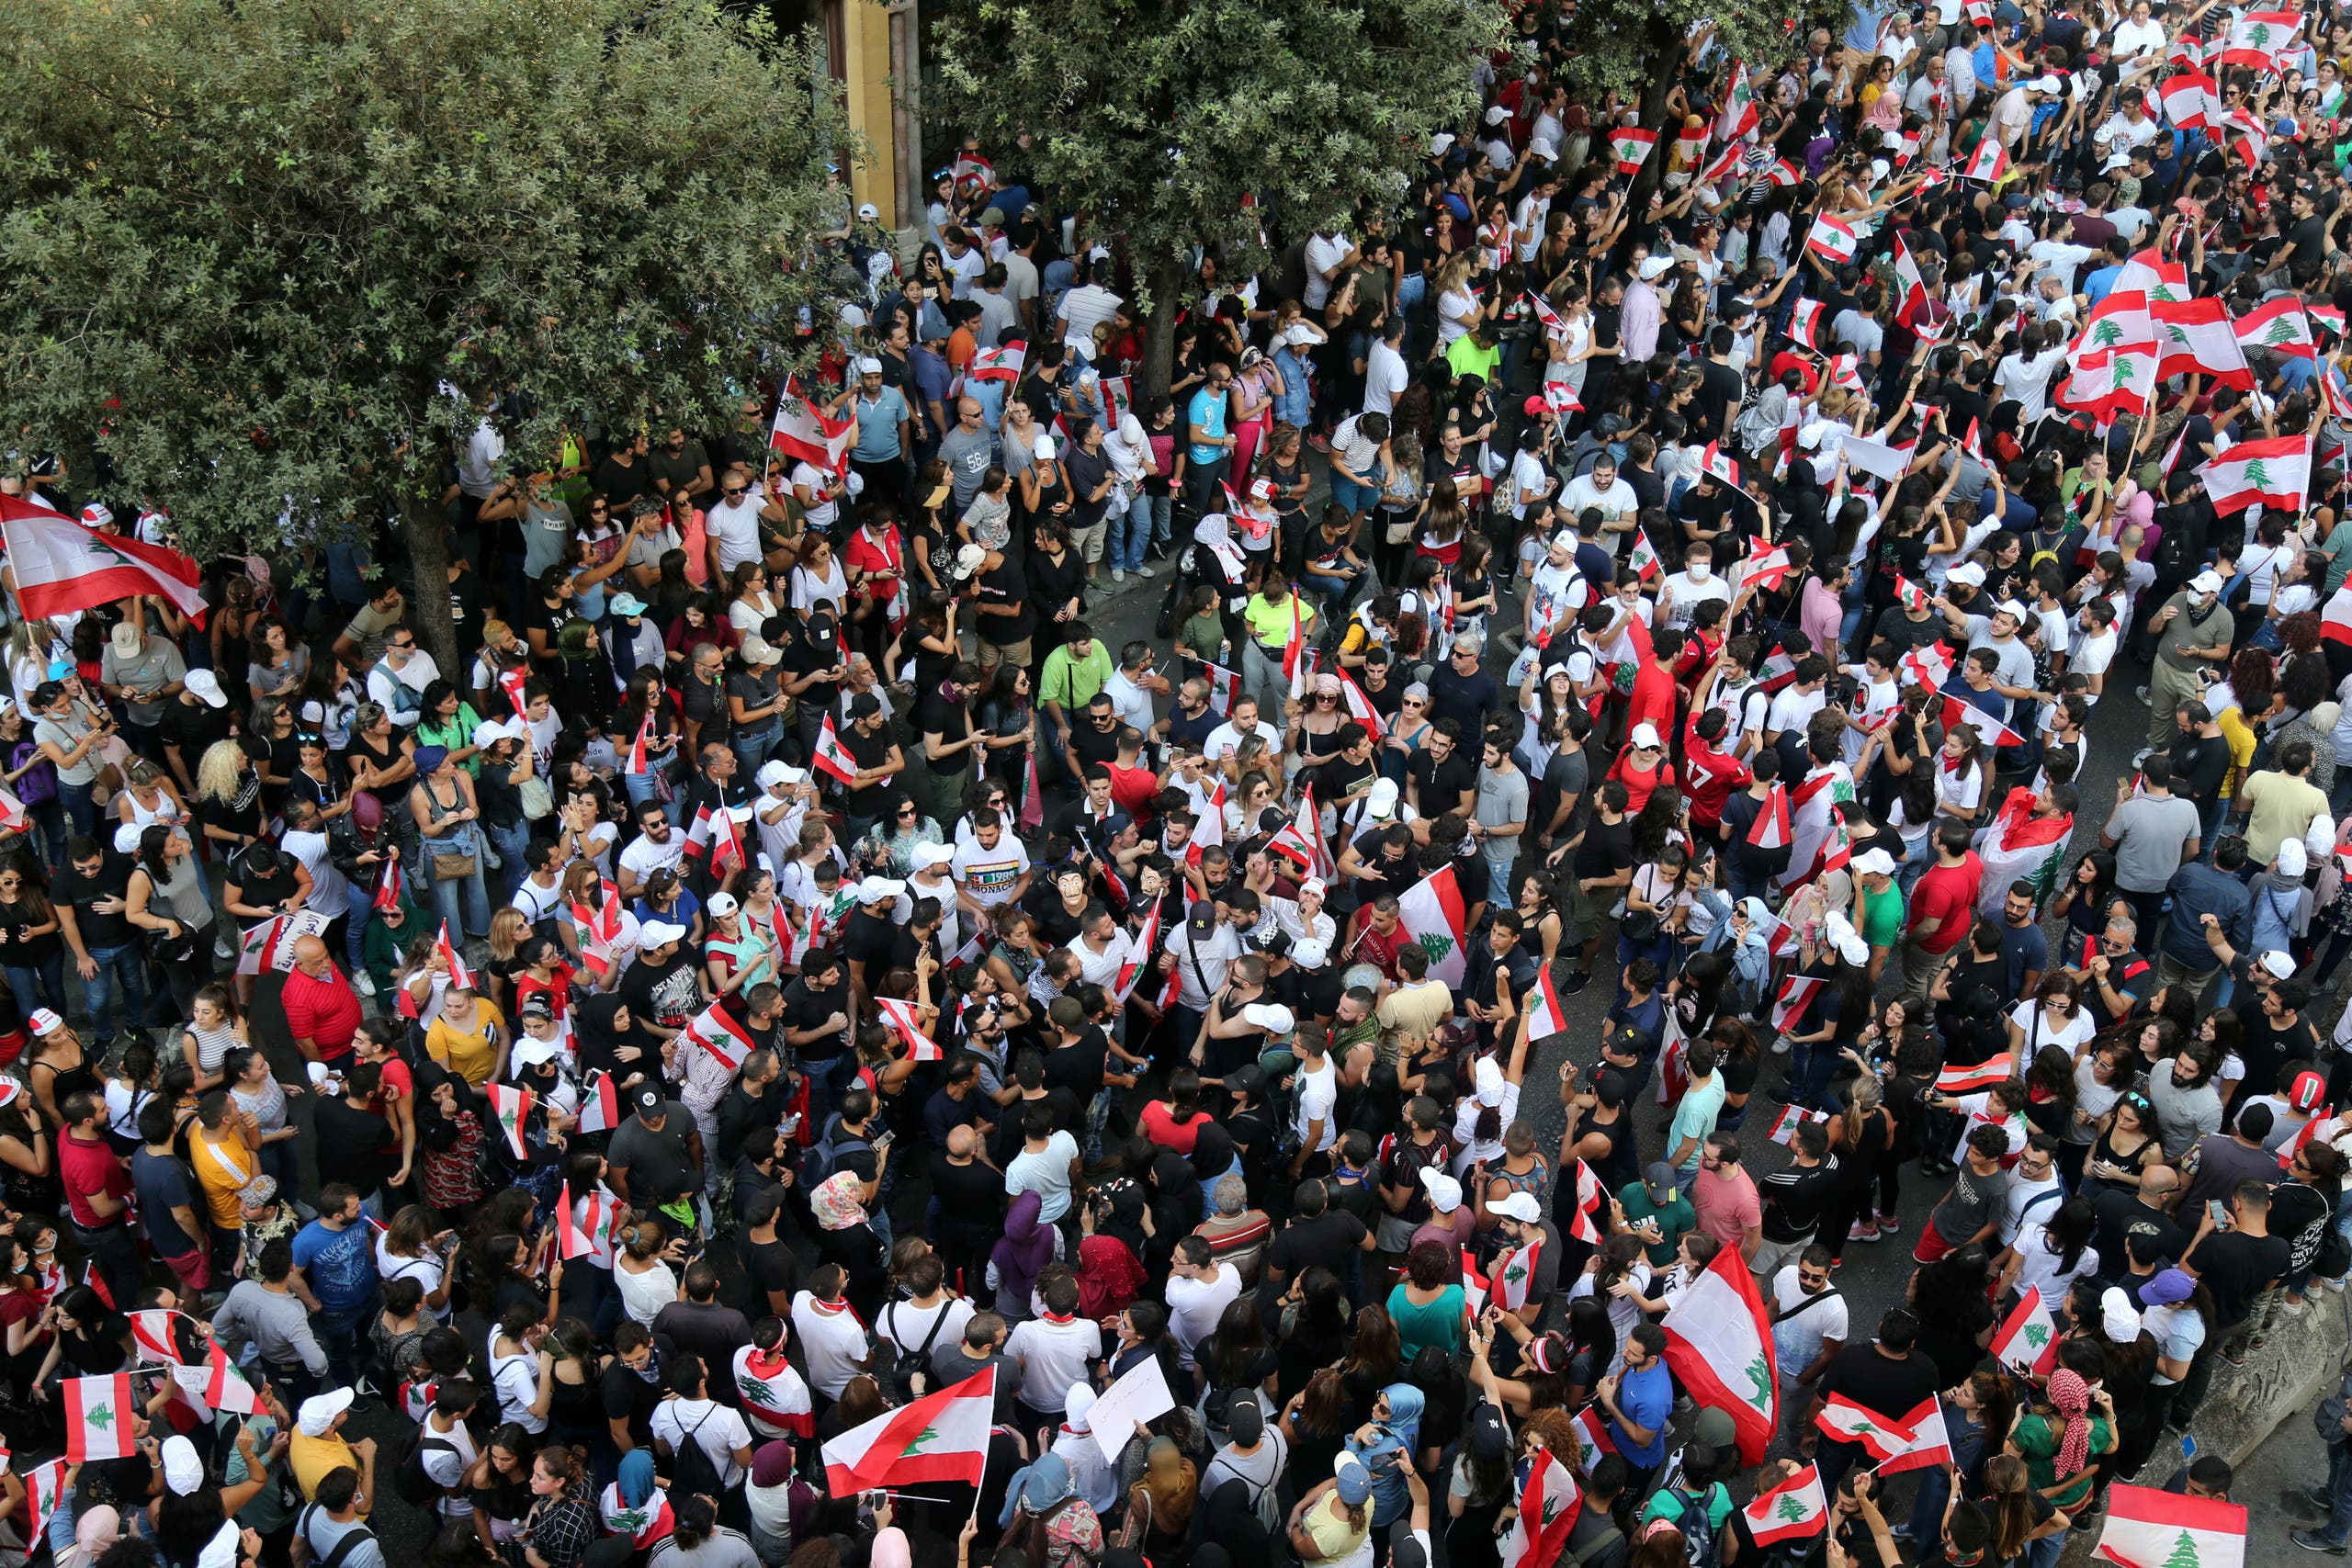 تظاهرات لبنان رويترز 19 أكتوبر